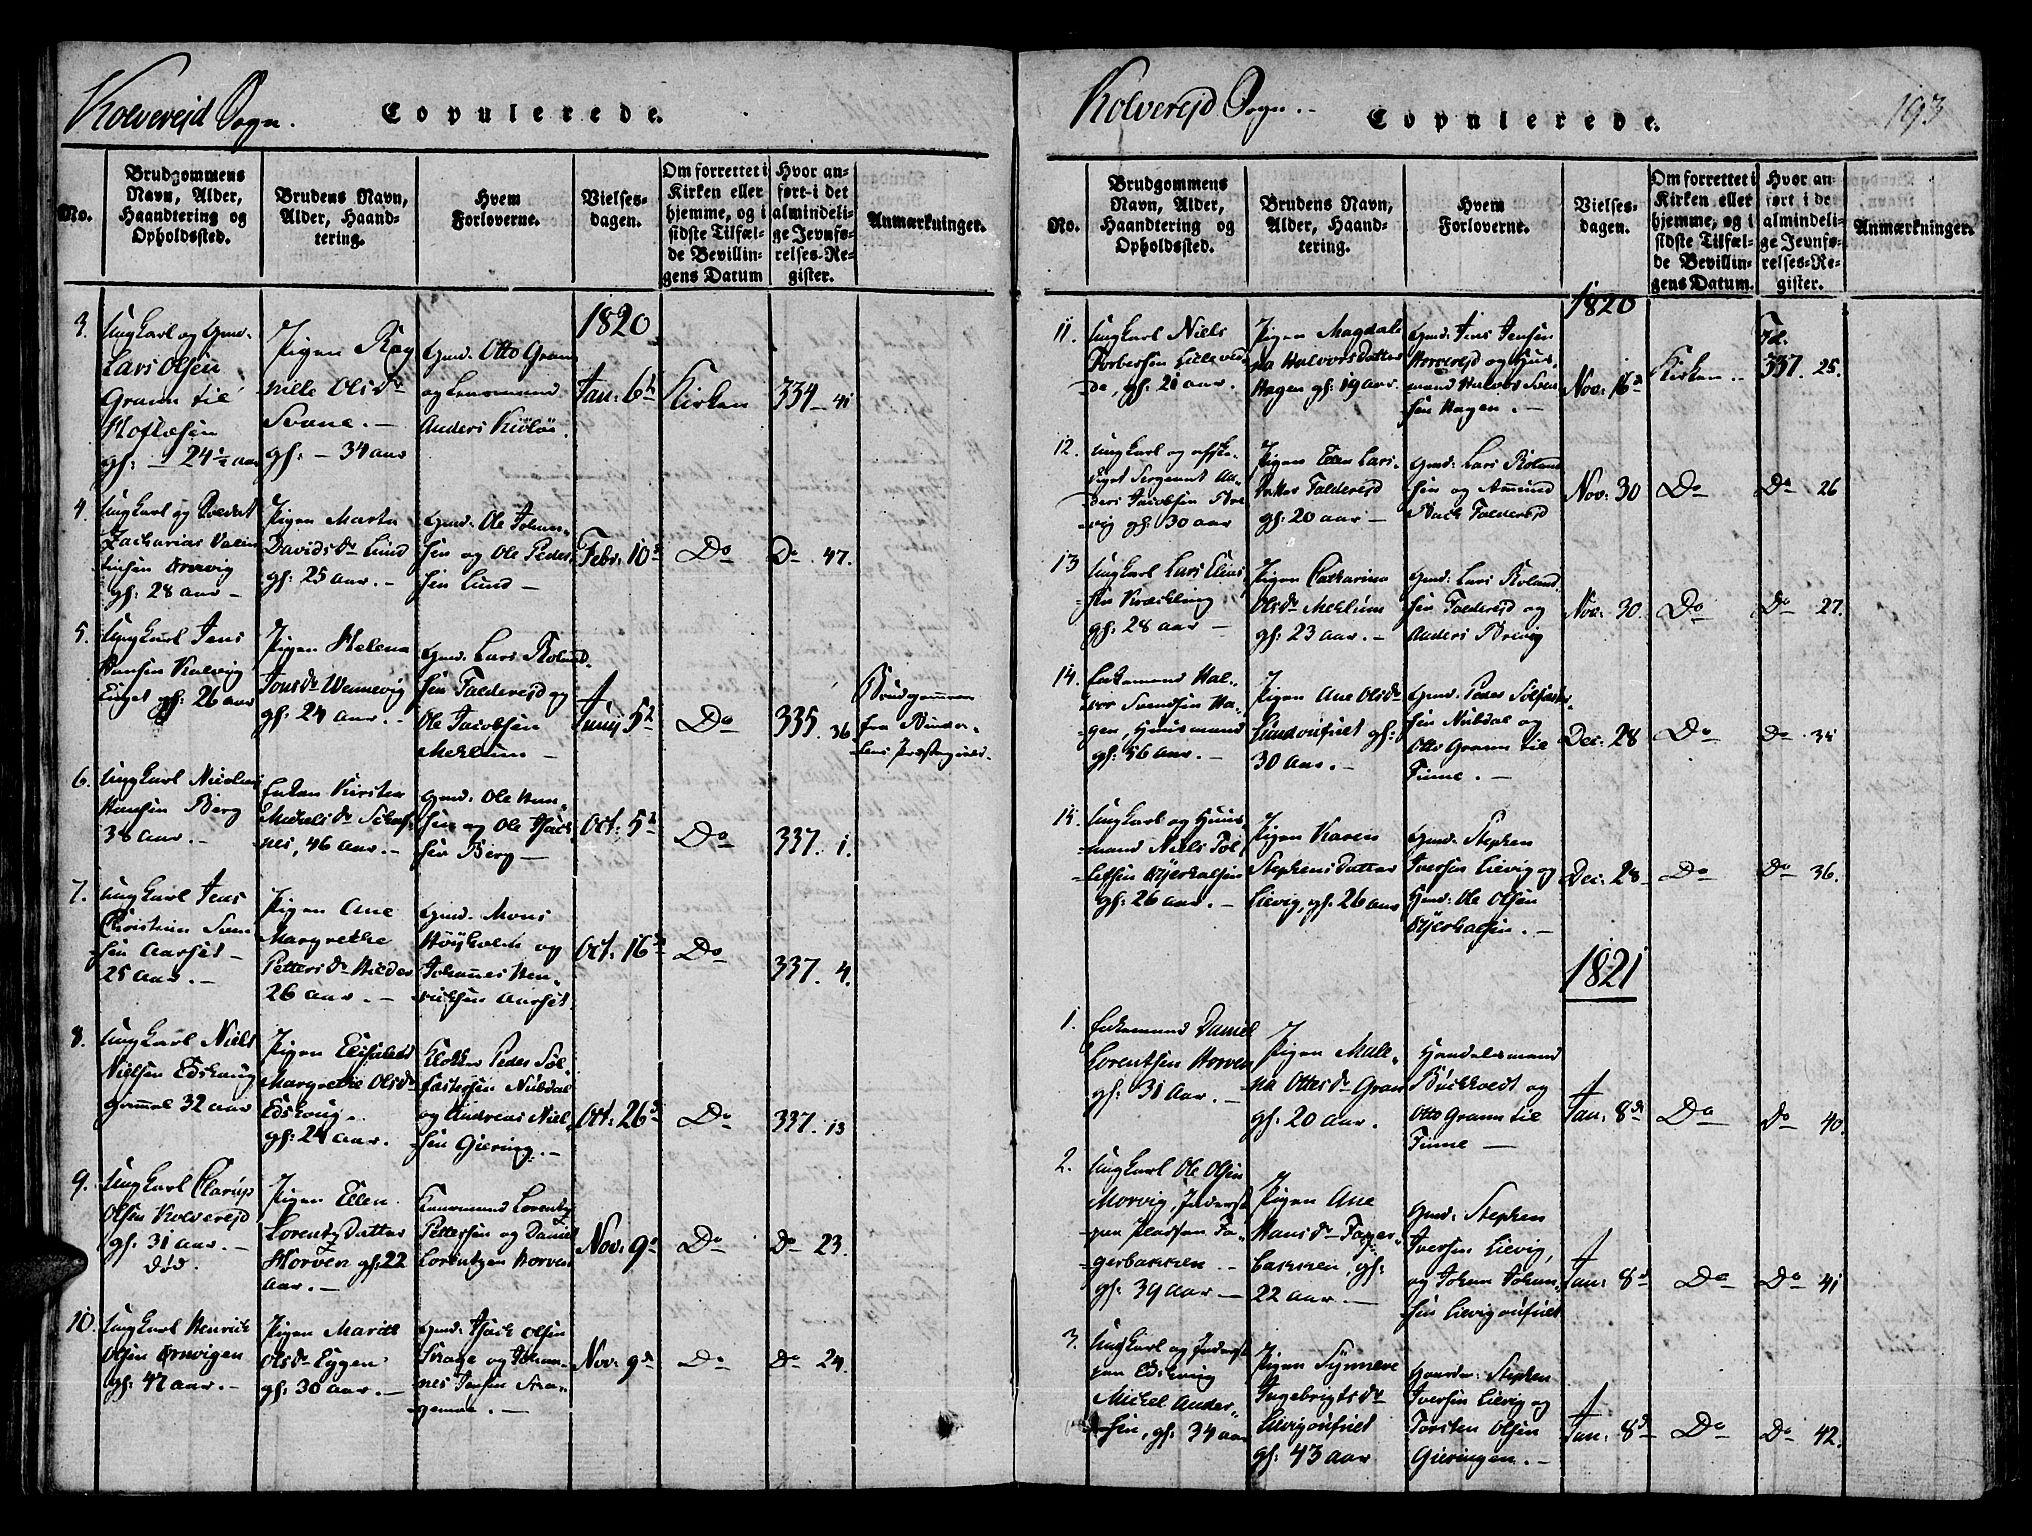 SAT, Ministerialprotokoller, klokkerbøker og fødselsregistre - Nord-Trøndelag, 780/L0636: Ministerialbok nr. 780A03 /1, 1815-1830, s. 193